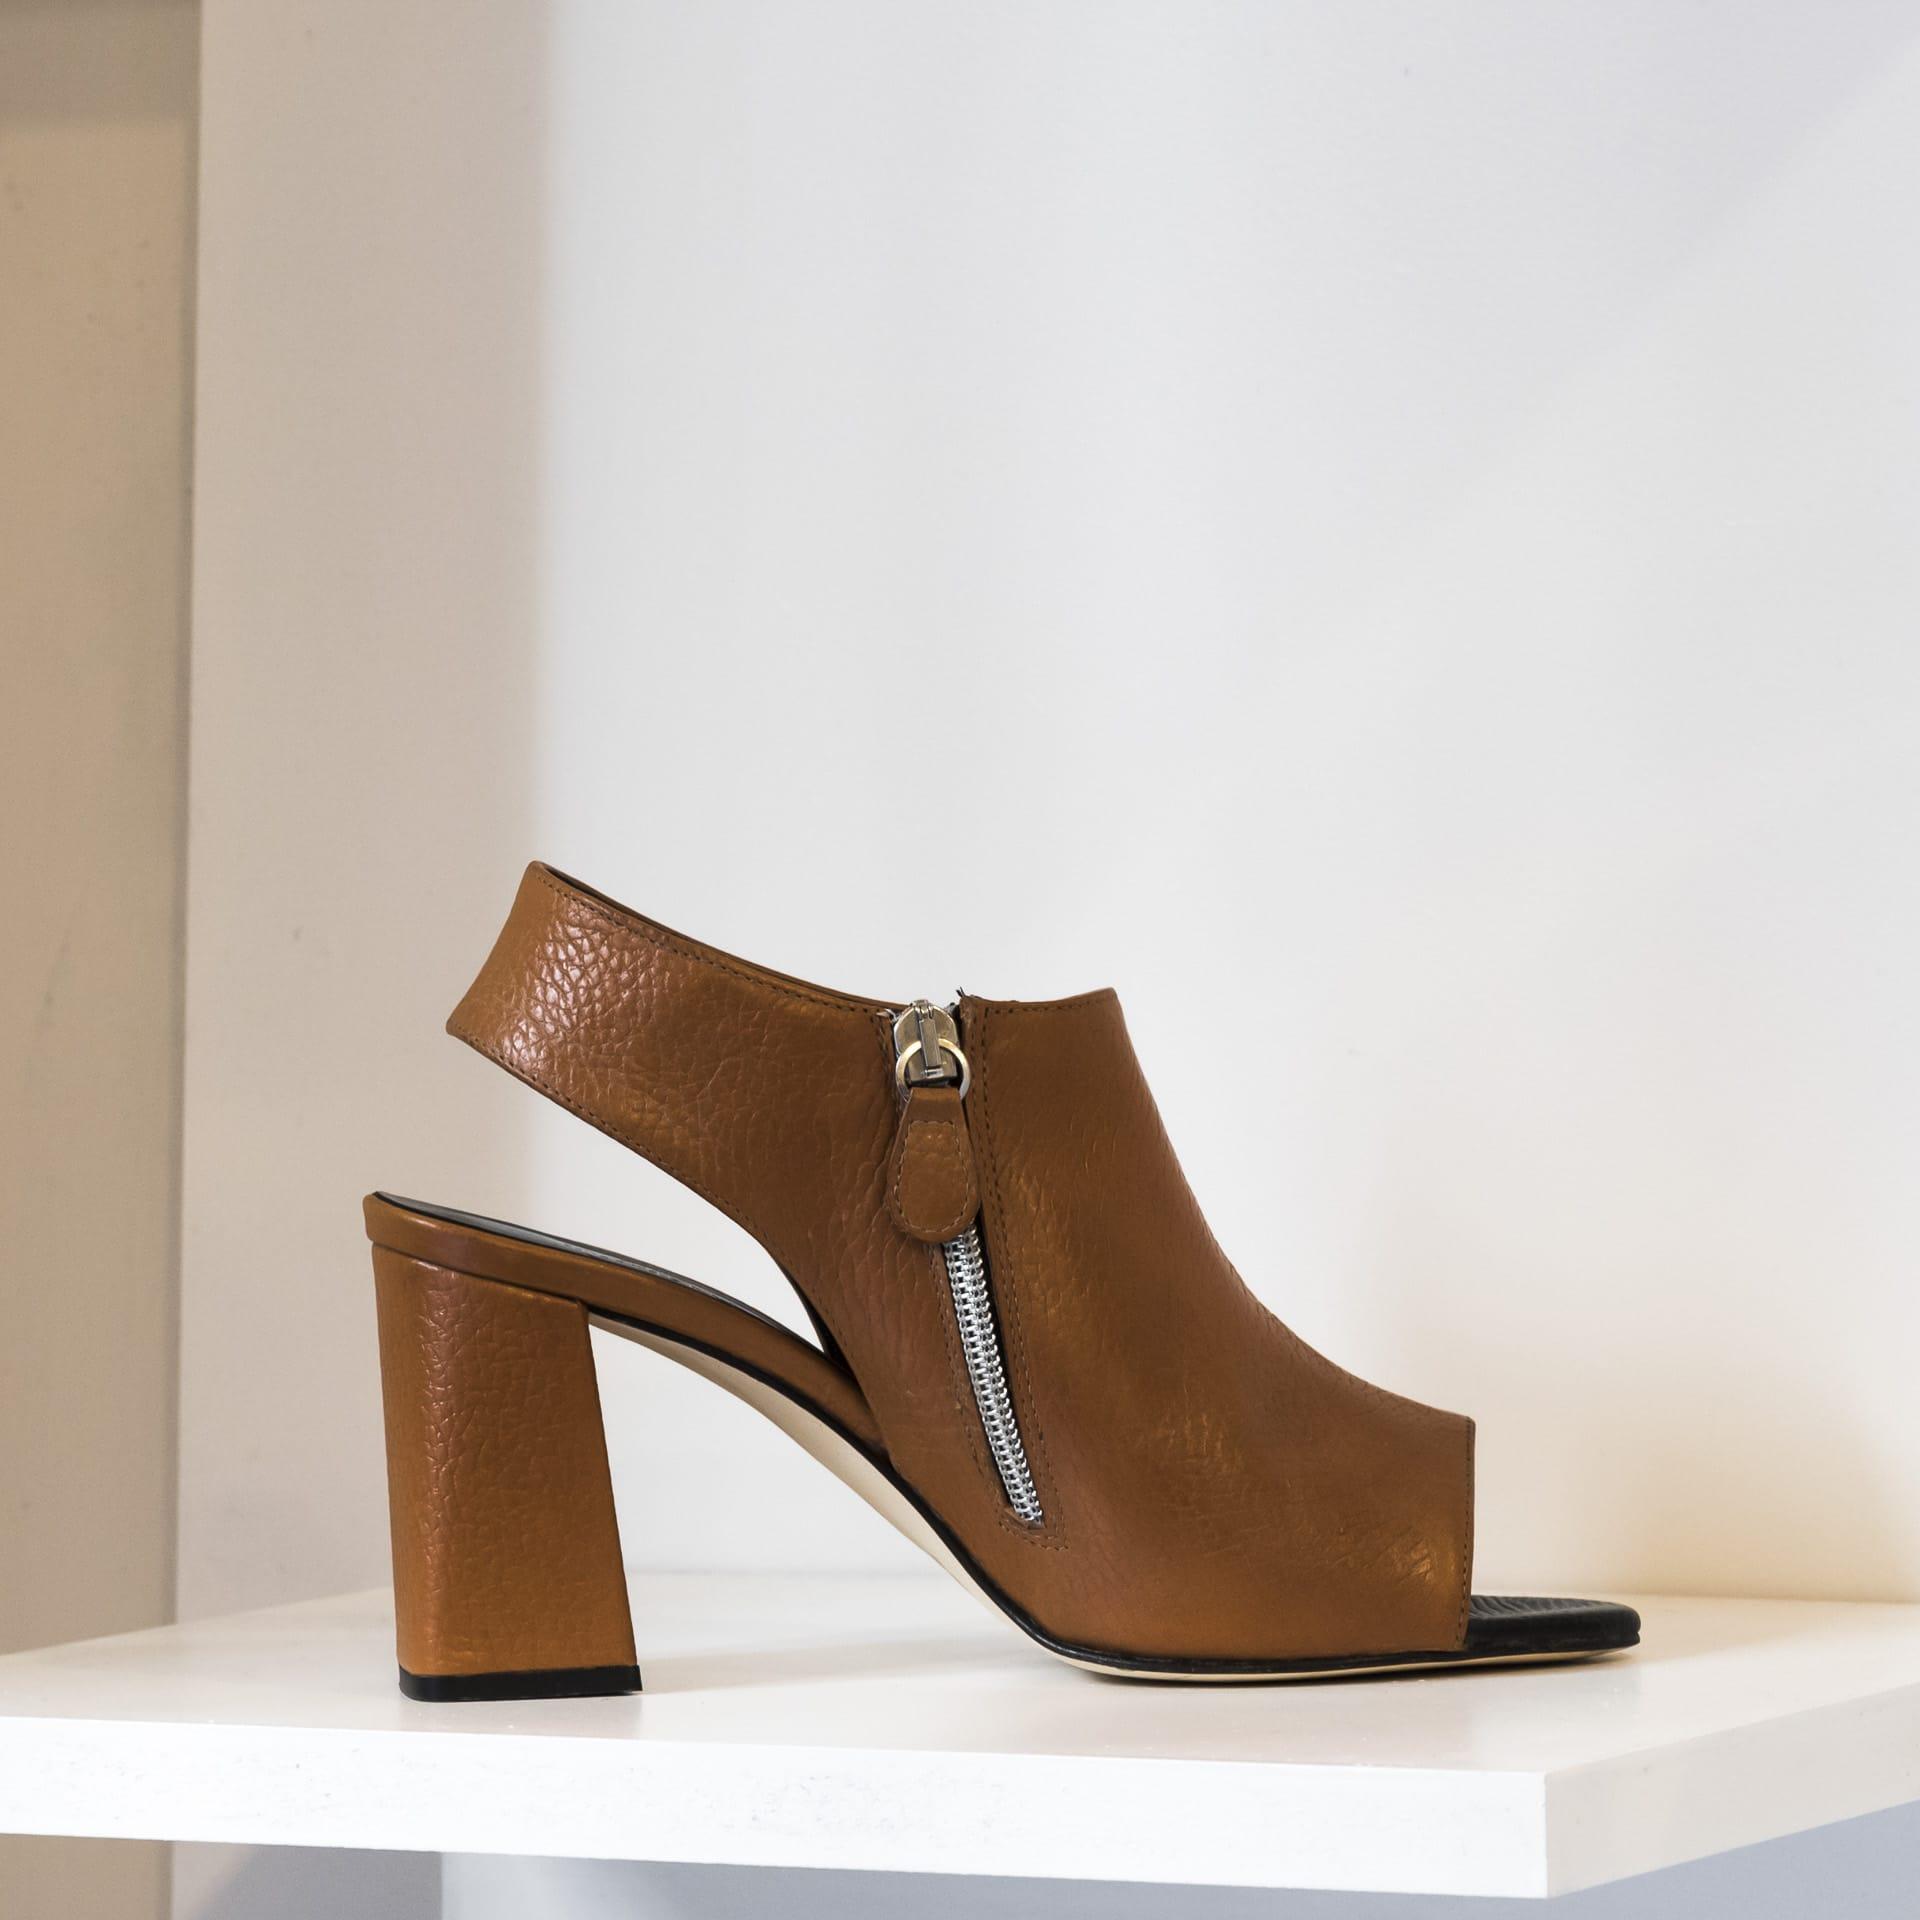 Ame Boots Sandalo alto (2)